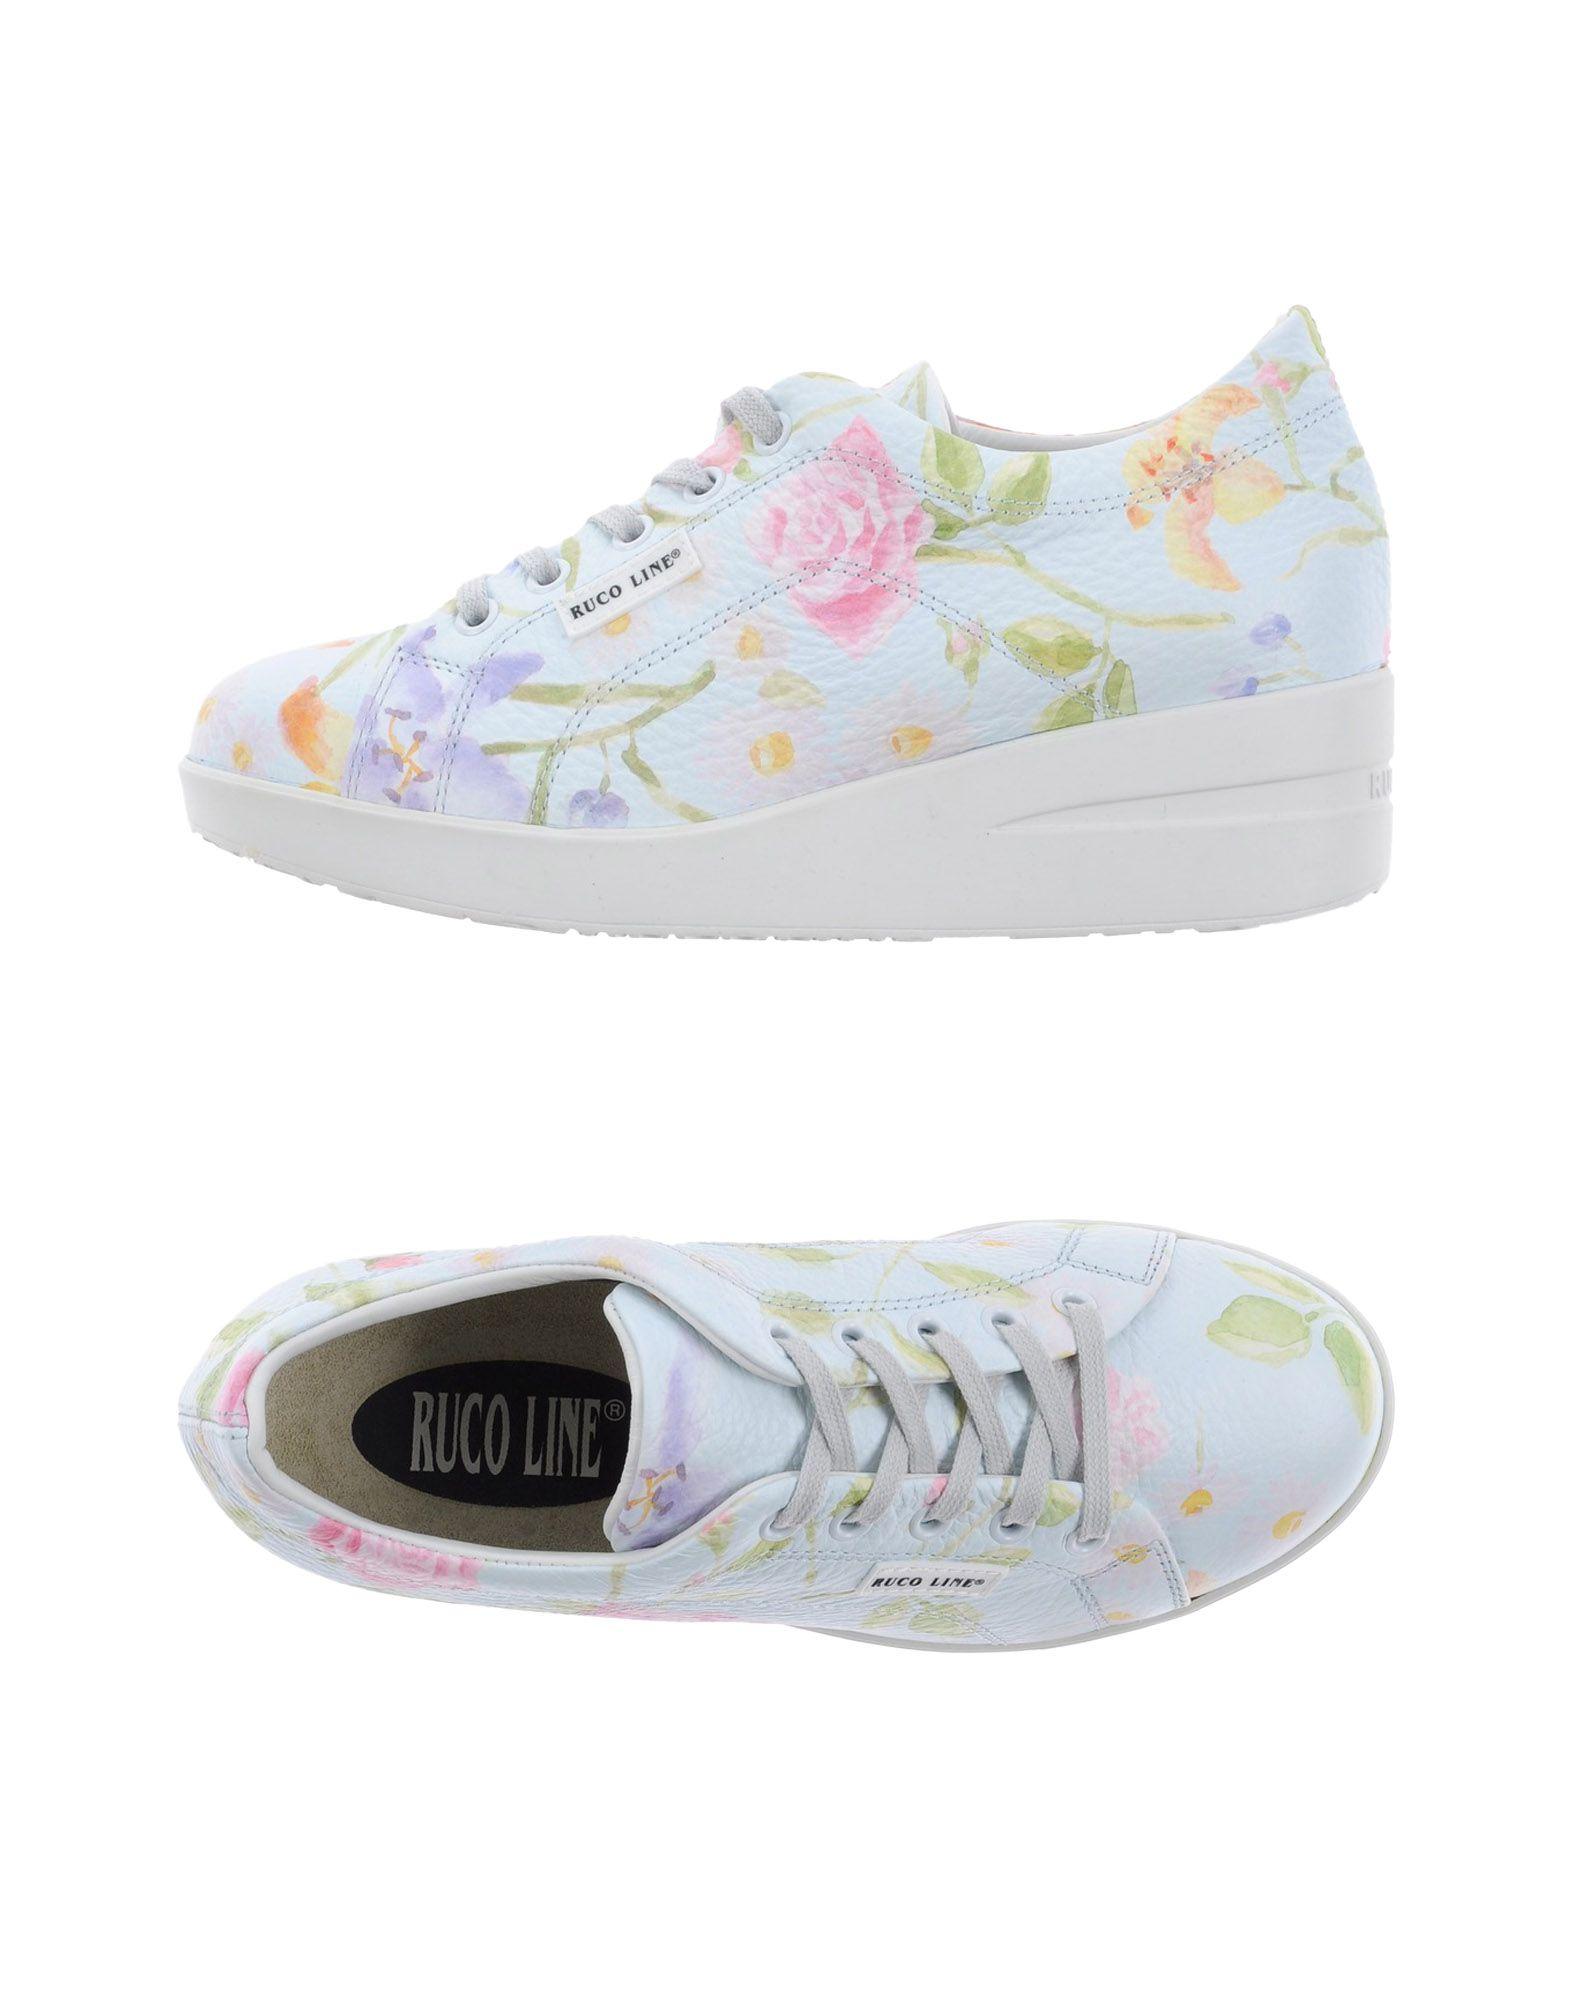 Ruco Line Sneakers Damen  11334590TT Gute Qualität beliebte Schuhe